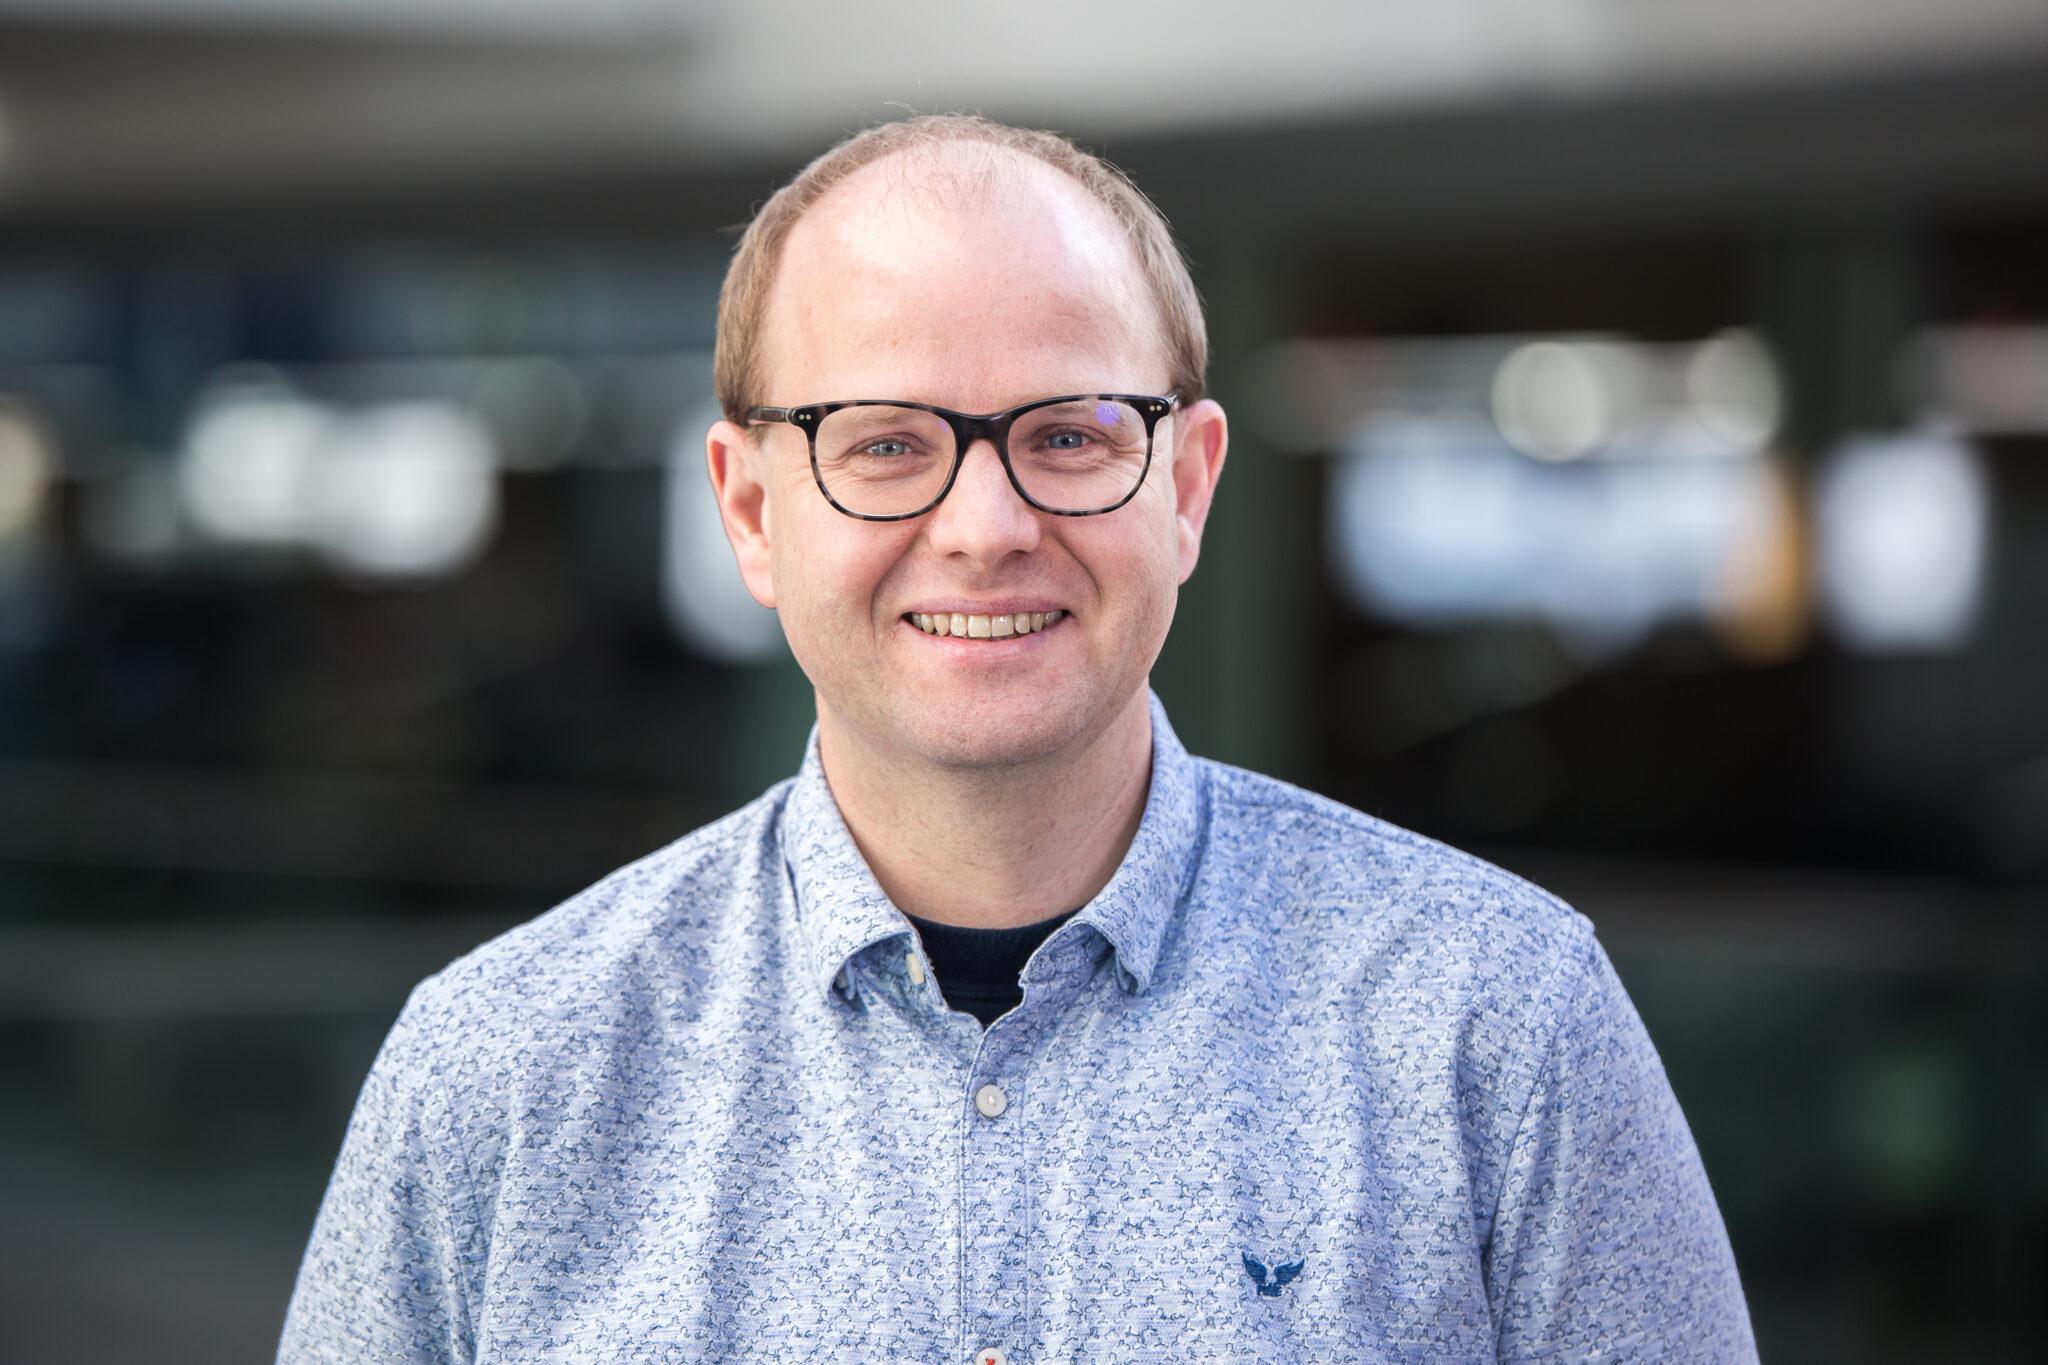 Jurgen Marteijn